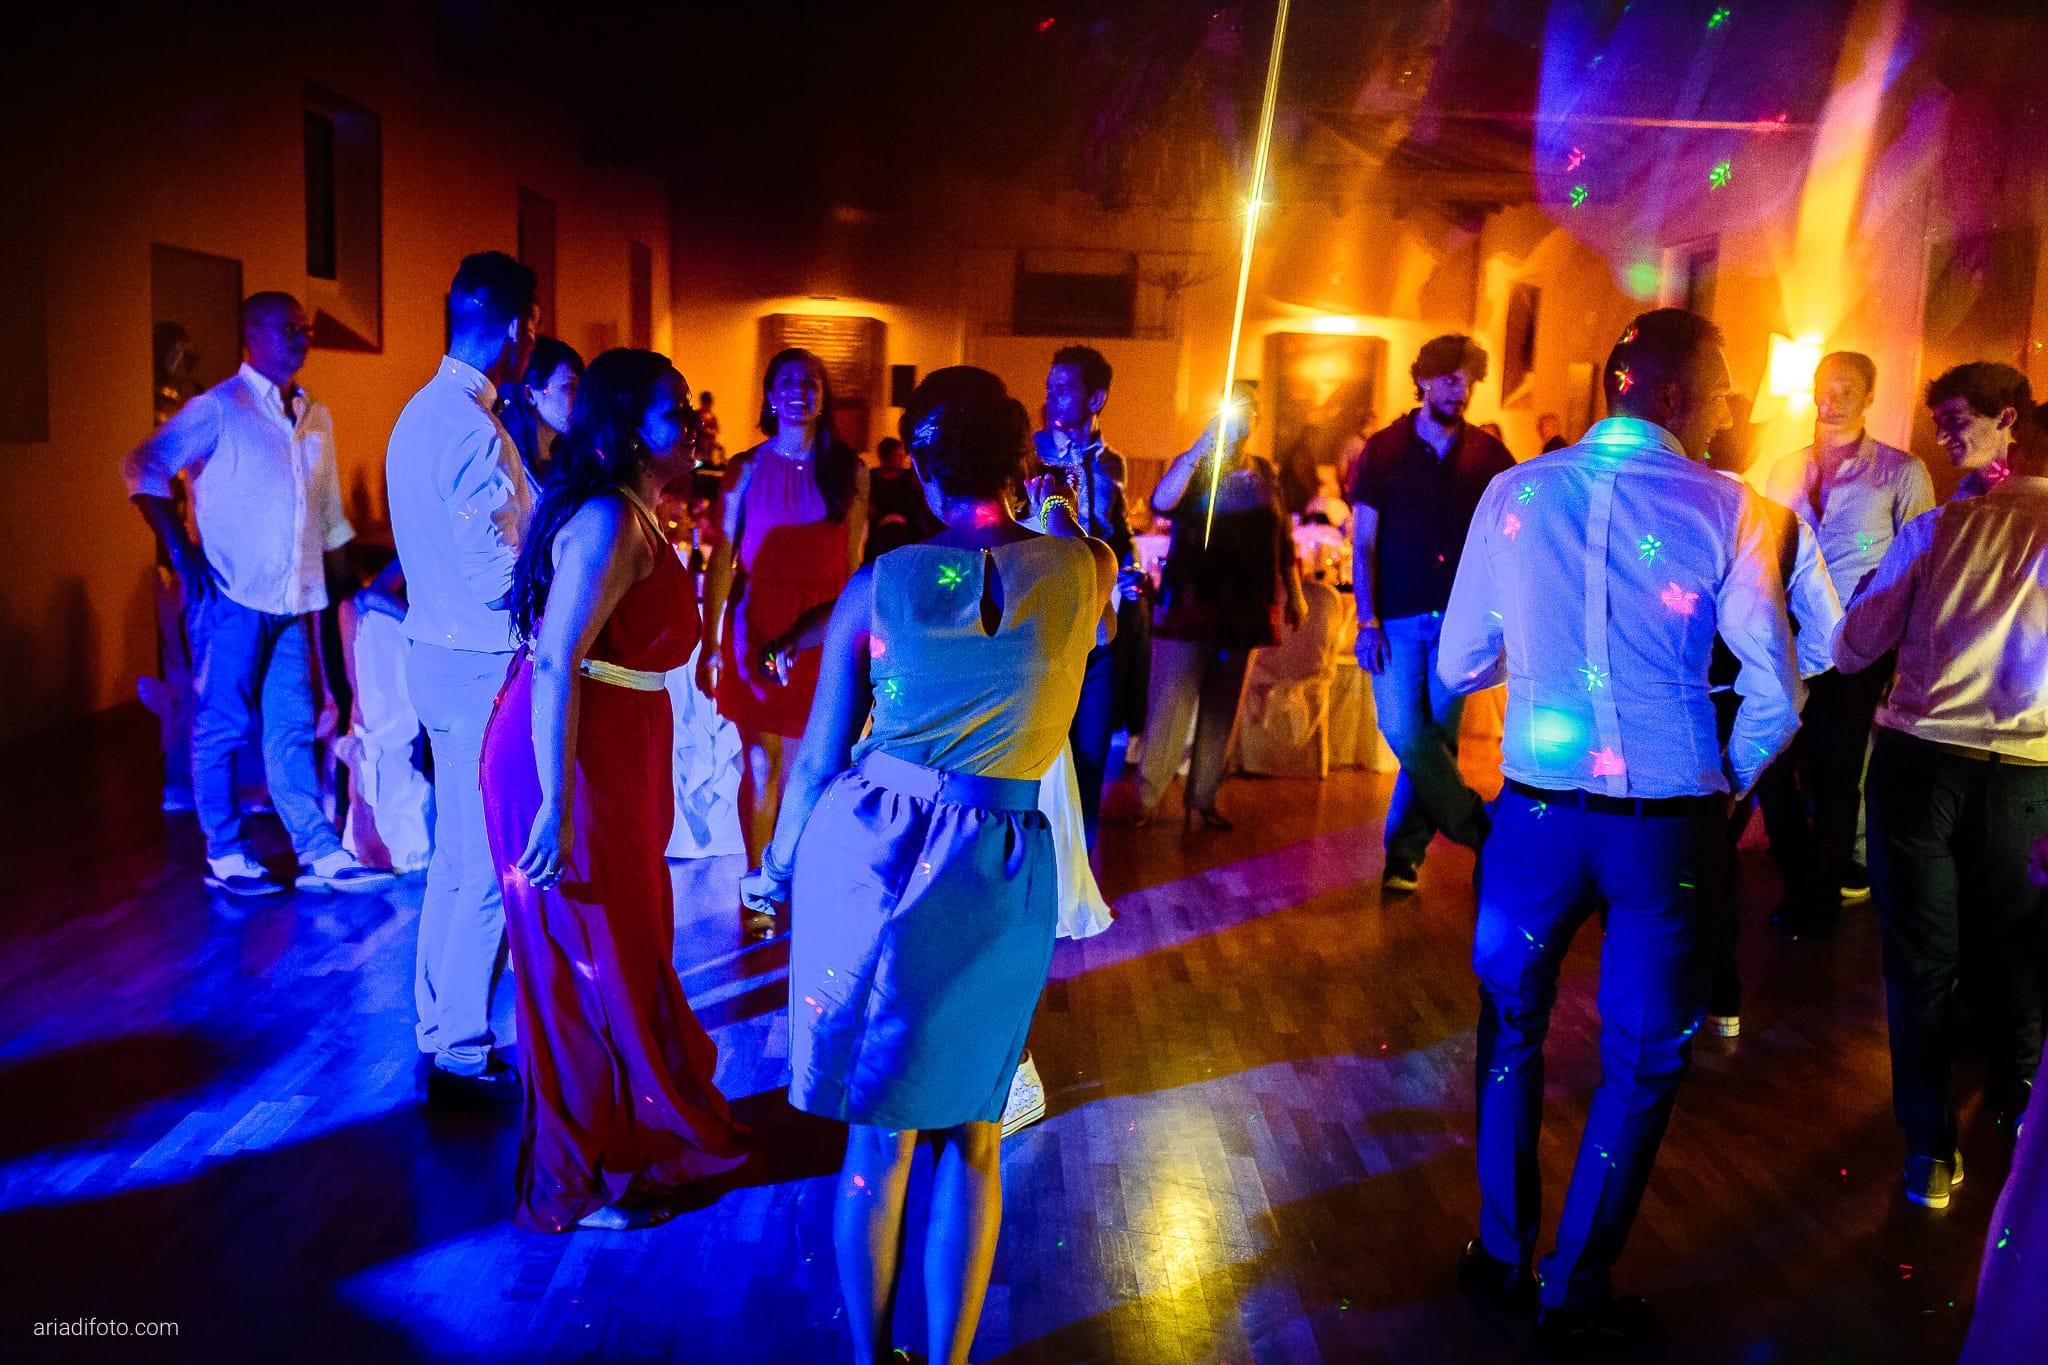 Mariarita Matteo Matrimonio Trieste Villa Attems Cernozza Postcastro Lucinico Gorizia ricevimento balli festa